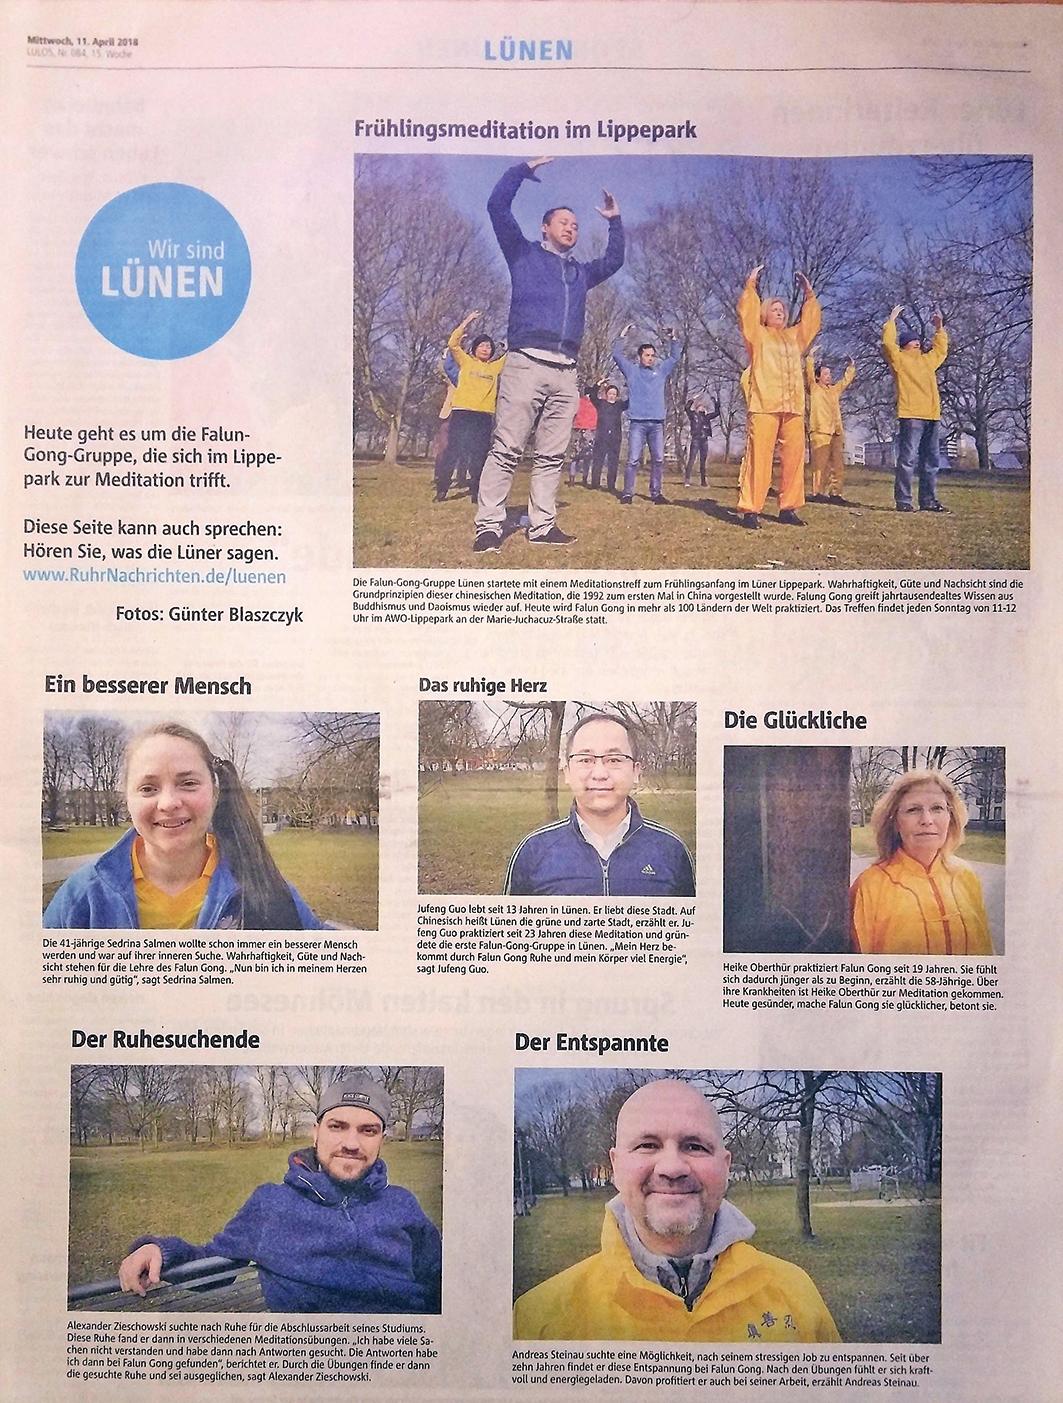 德國西部報紙《魯爾日報》整版報道法輪功學員在麗波公園的集體煉功,以及五名法輪功學員的修煉感受。(明慧網)